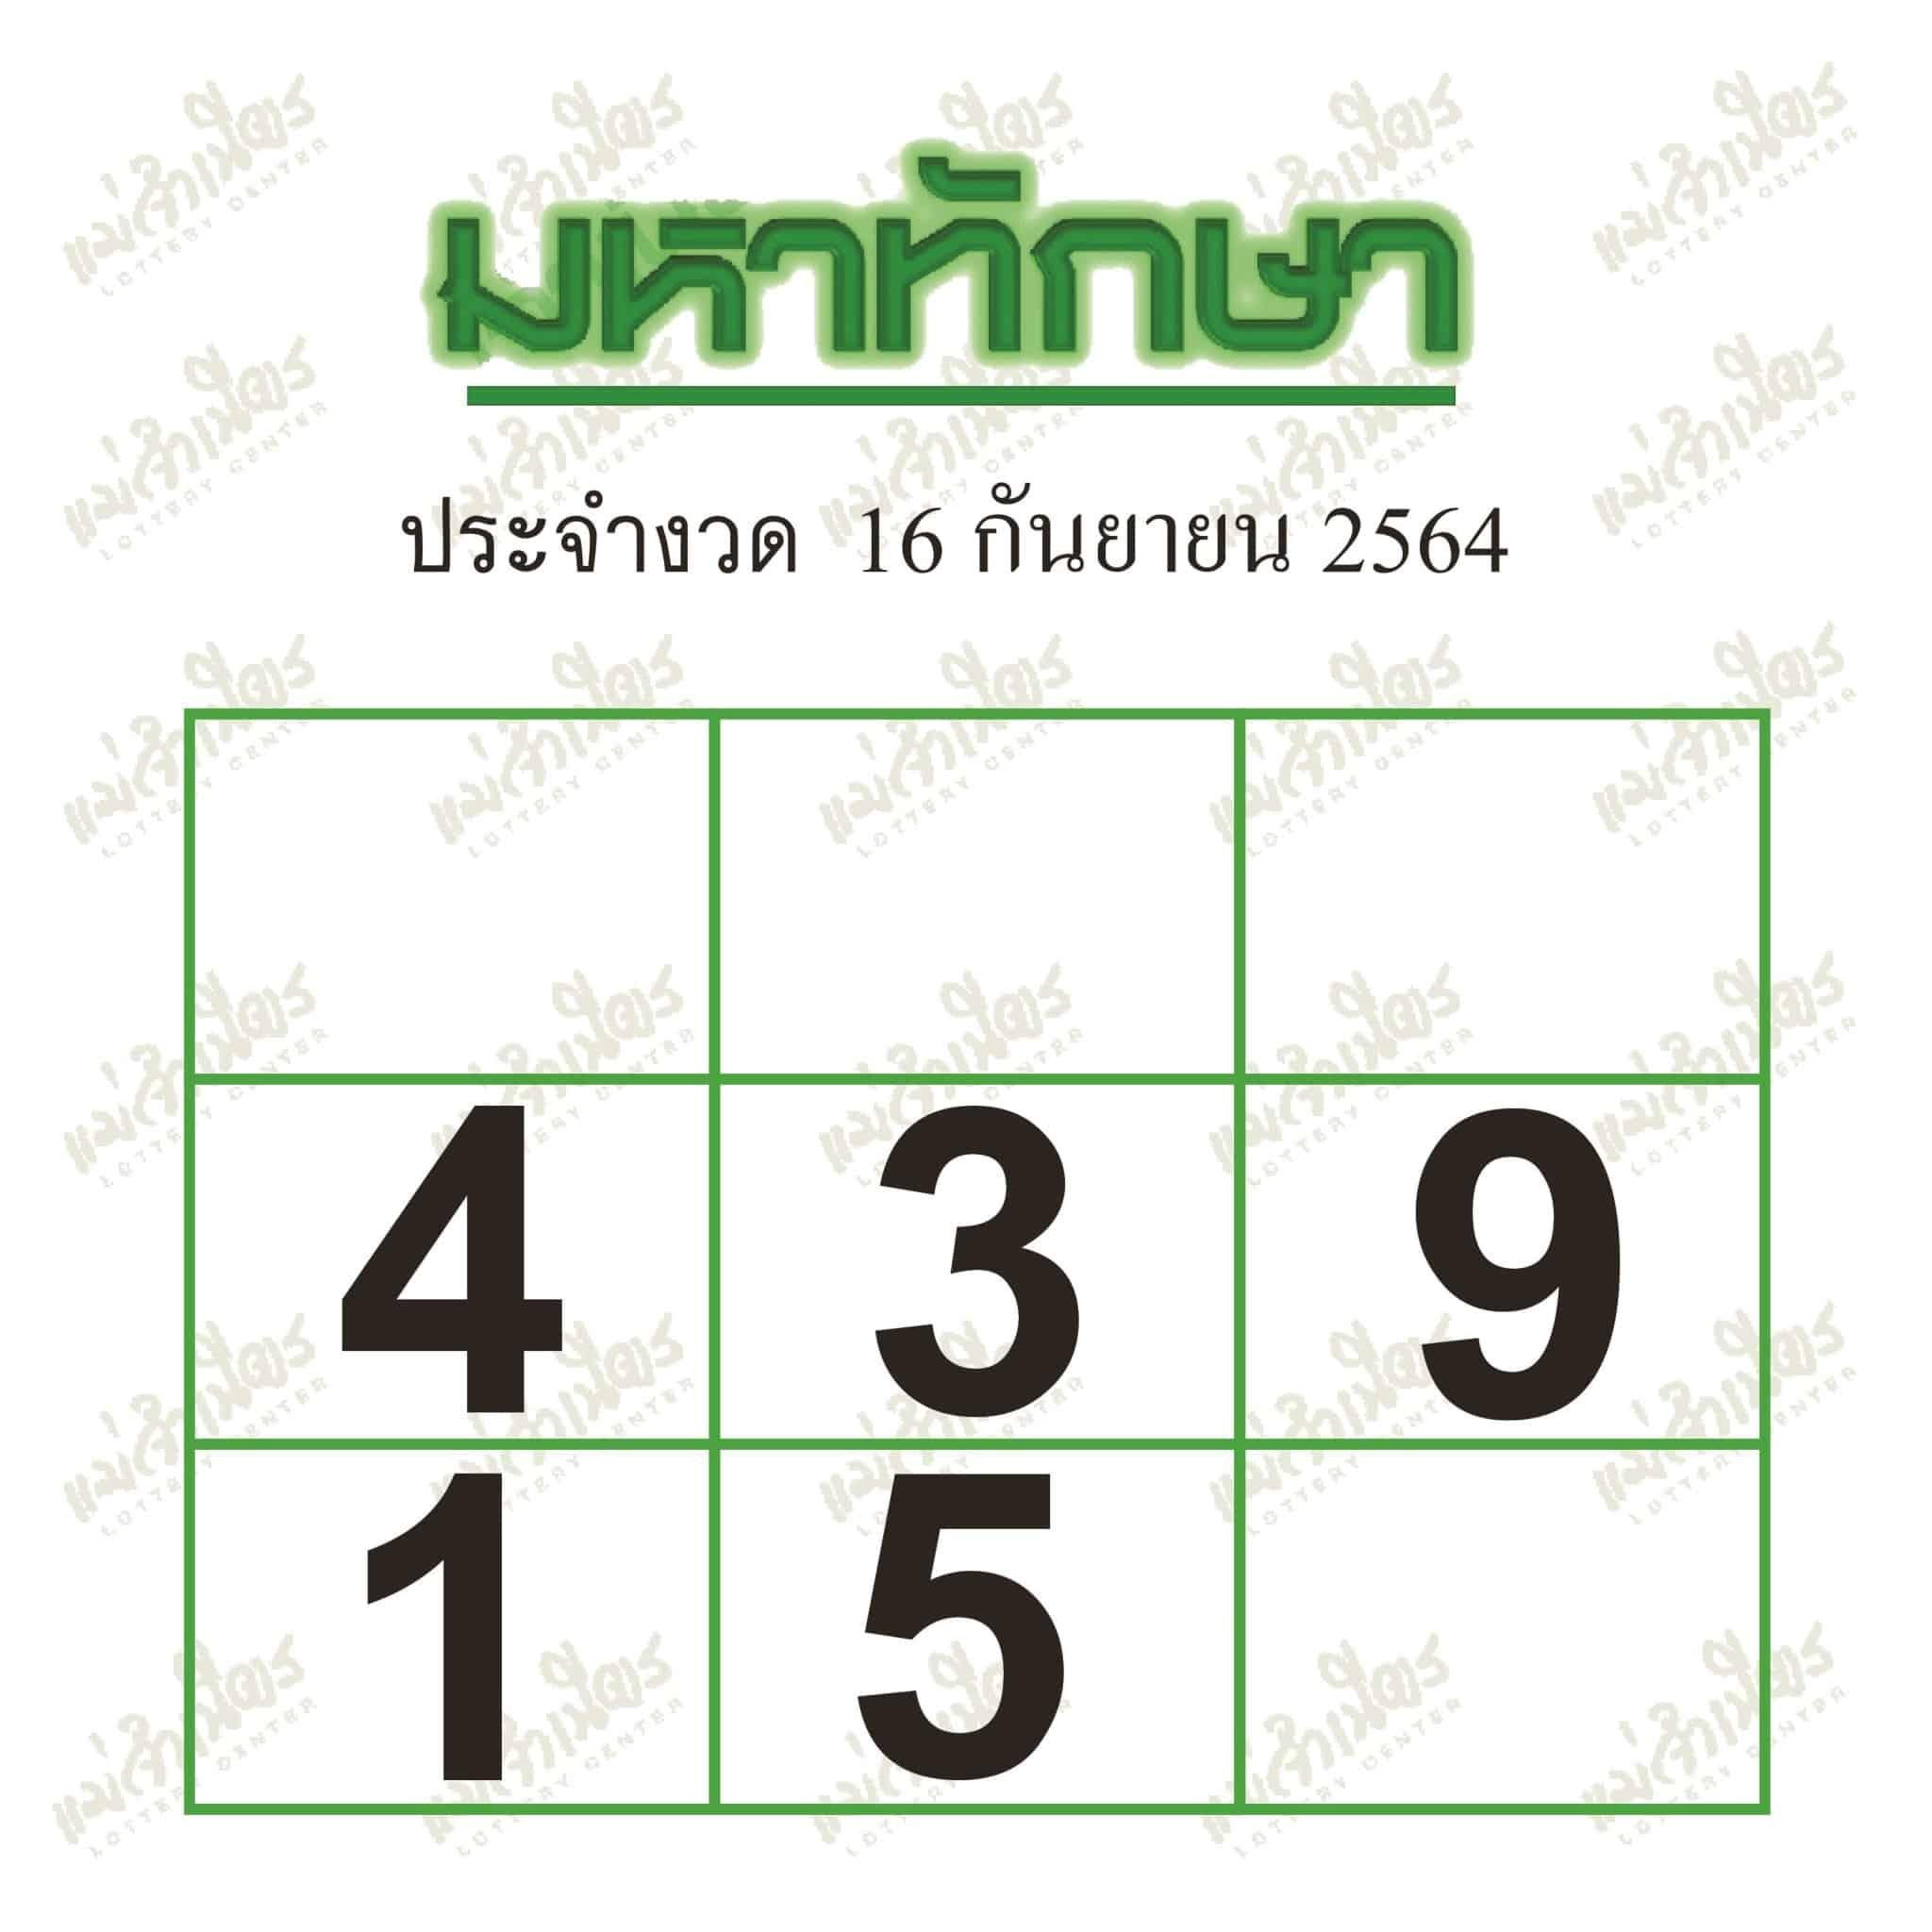 หวยซอง หวยมหาทักษา-160964